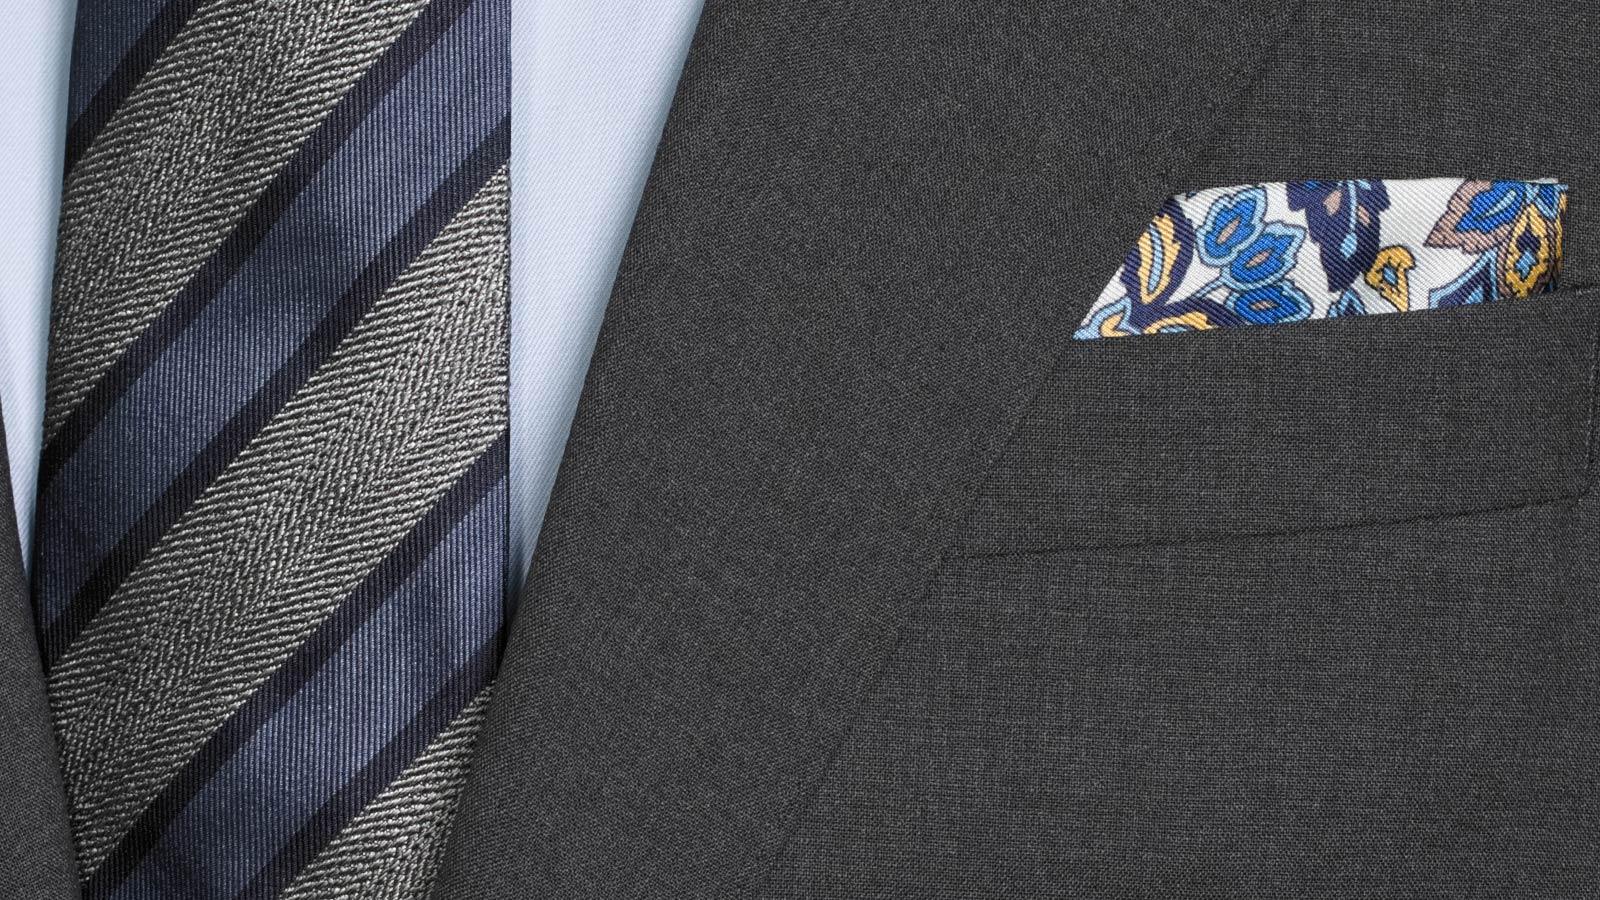 Solid Grey Natural Stretch Suit - slider image 1